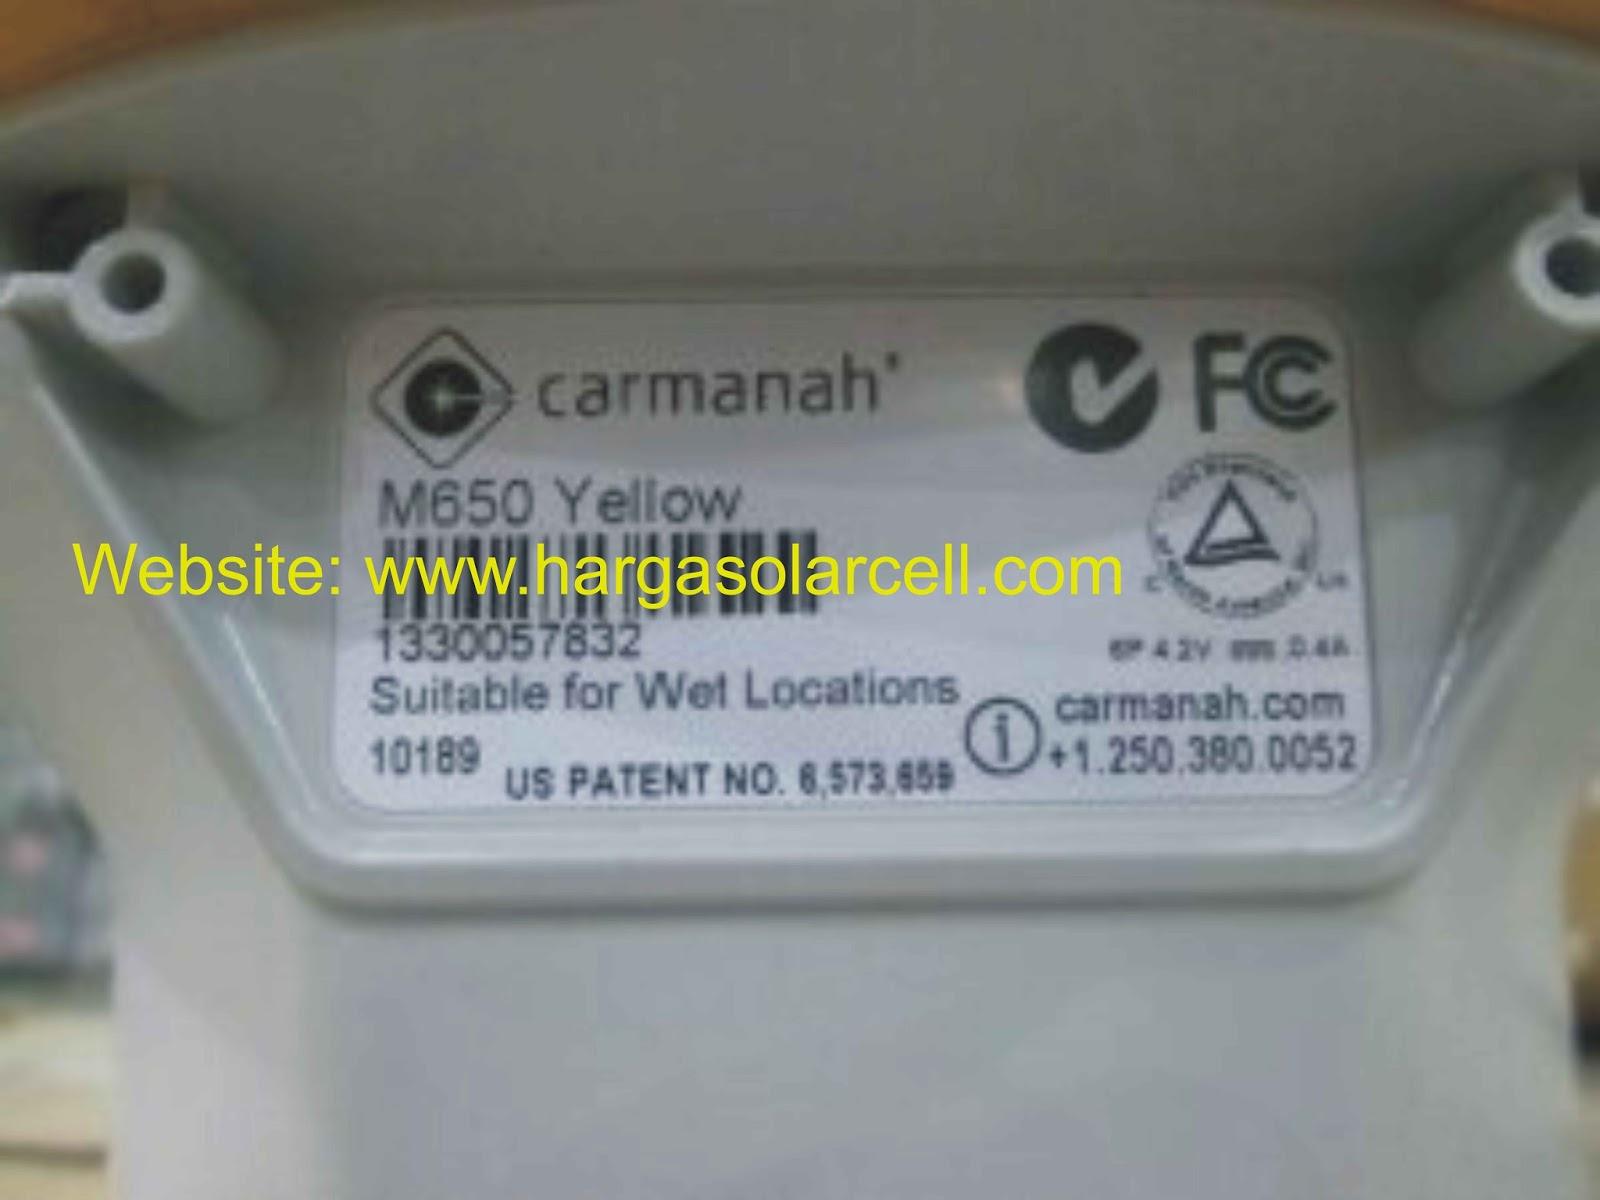 carmanah%2Bm650%2Bpic9.jpg